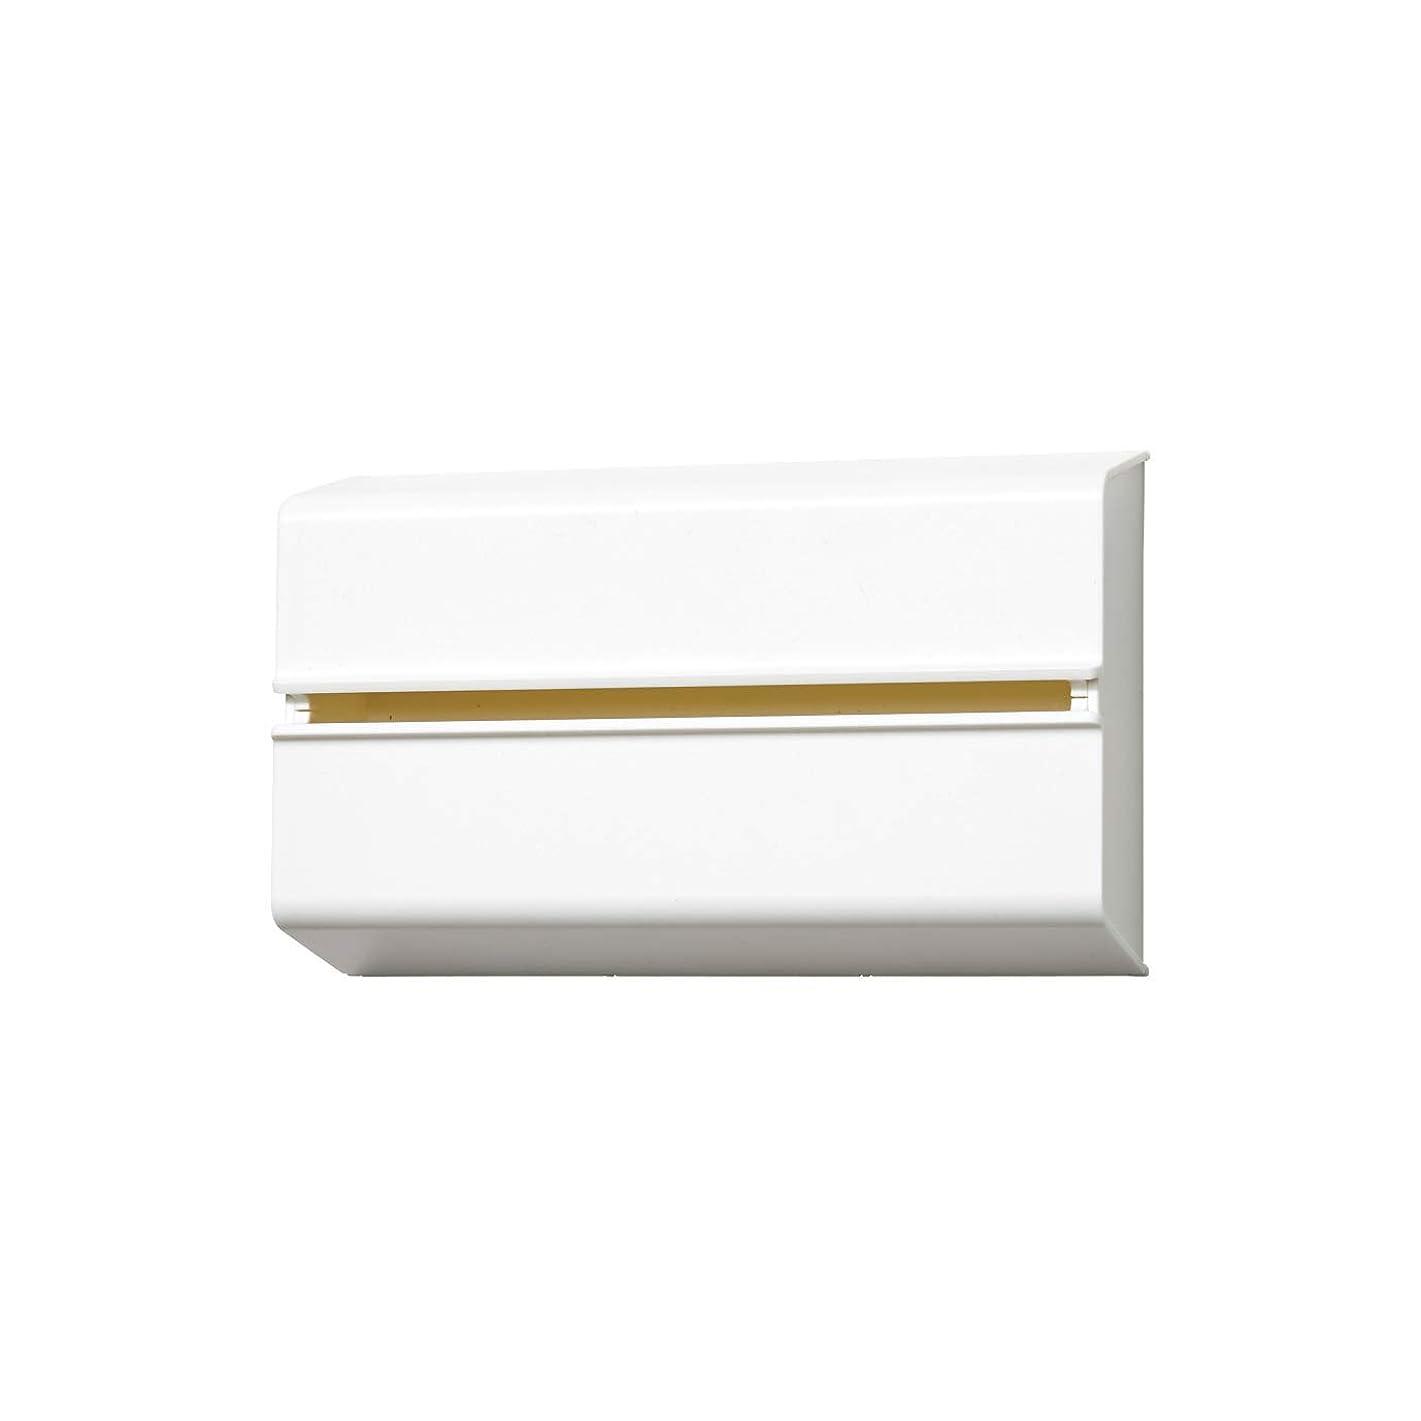 デザイナー協力に対応ideaco (イデアコ) キッチンペーパーホルダー ホワイト 幅25.5x高さ15.6 6.5 対応サイズ:幅23x高さ12x奥行4.5cm WALL PT(ウォール ピーティ)